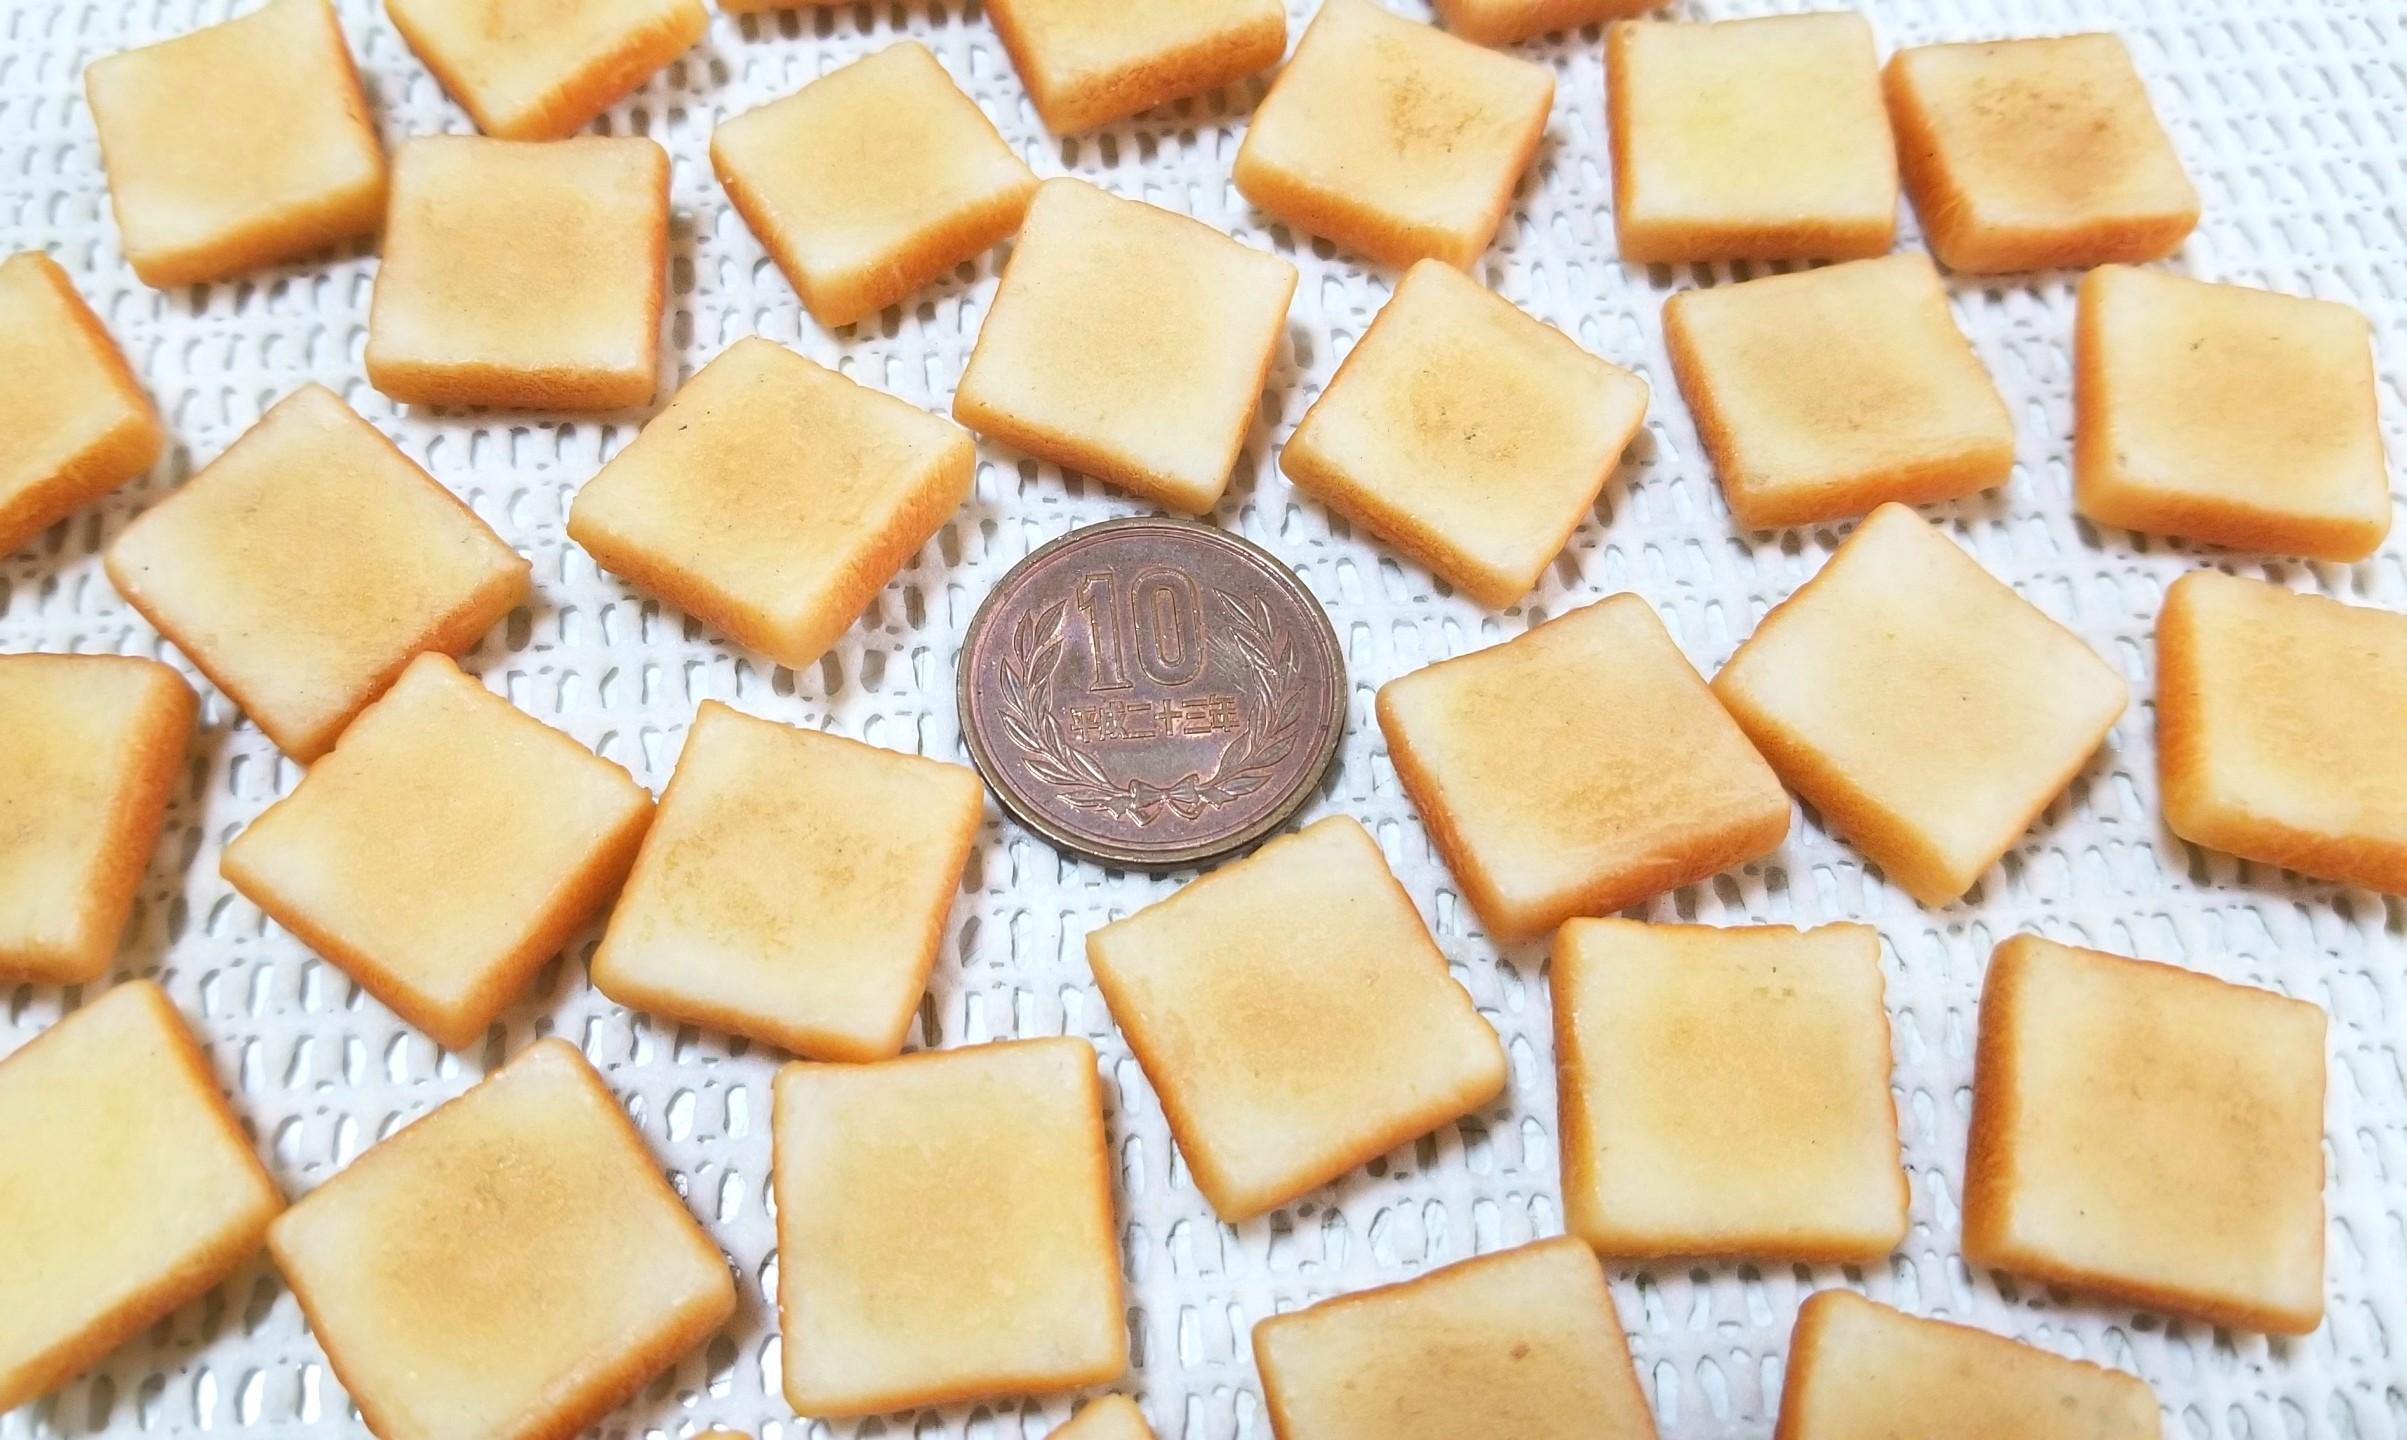 ミニチュアフード,トースト,食パン,ラピュタパン,樹脂粘土,焼き色